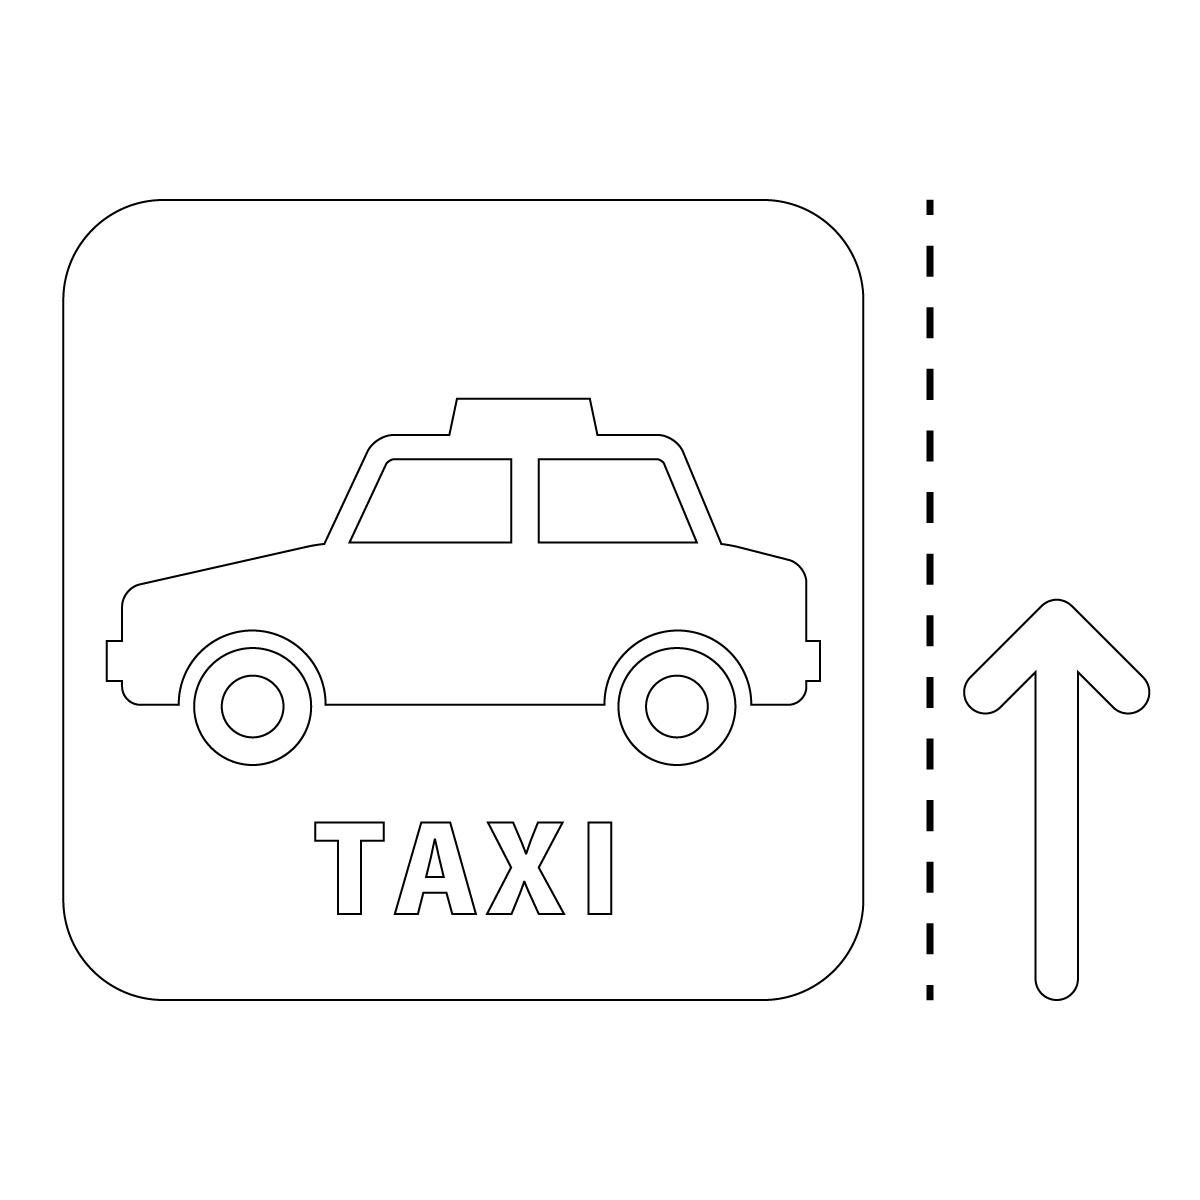 白色のタクシー案内マーク(矢印付き)のカッティングステッカー・シール